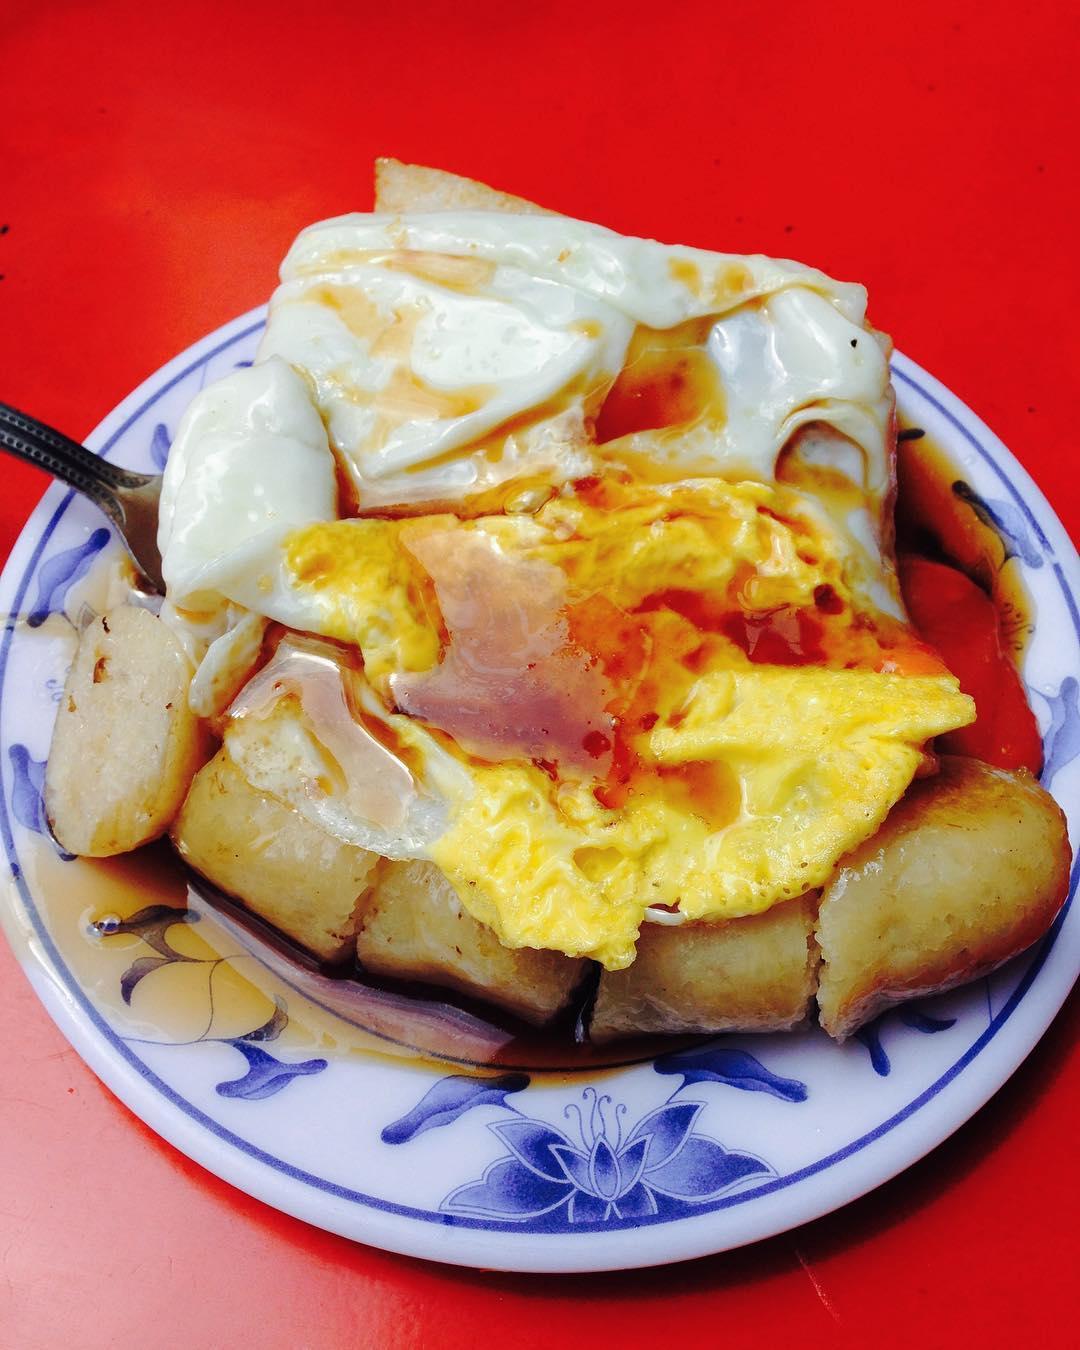 招牌必點-「菜頭粿+糯米腸+煎蛋」。(圖片來源/Instagram-wa122369)